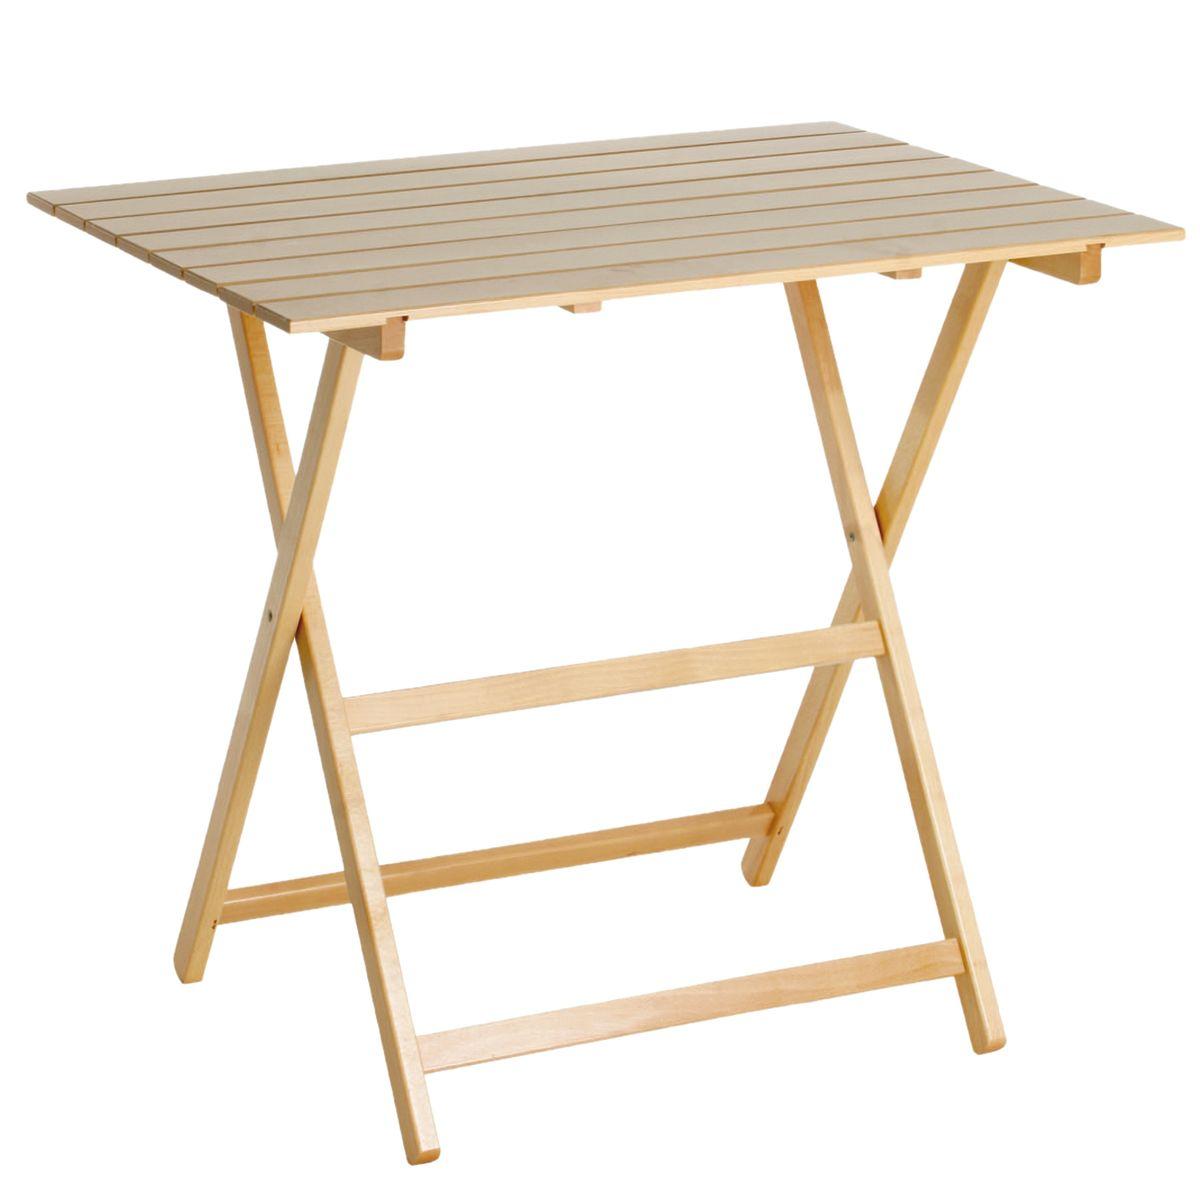 Tavolo legno quadrato giardino - Tavolo in legno pieghevole ...